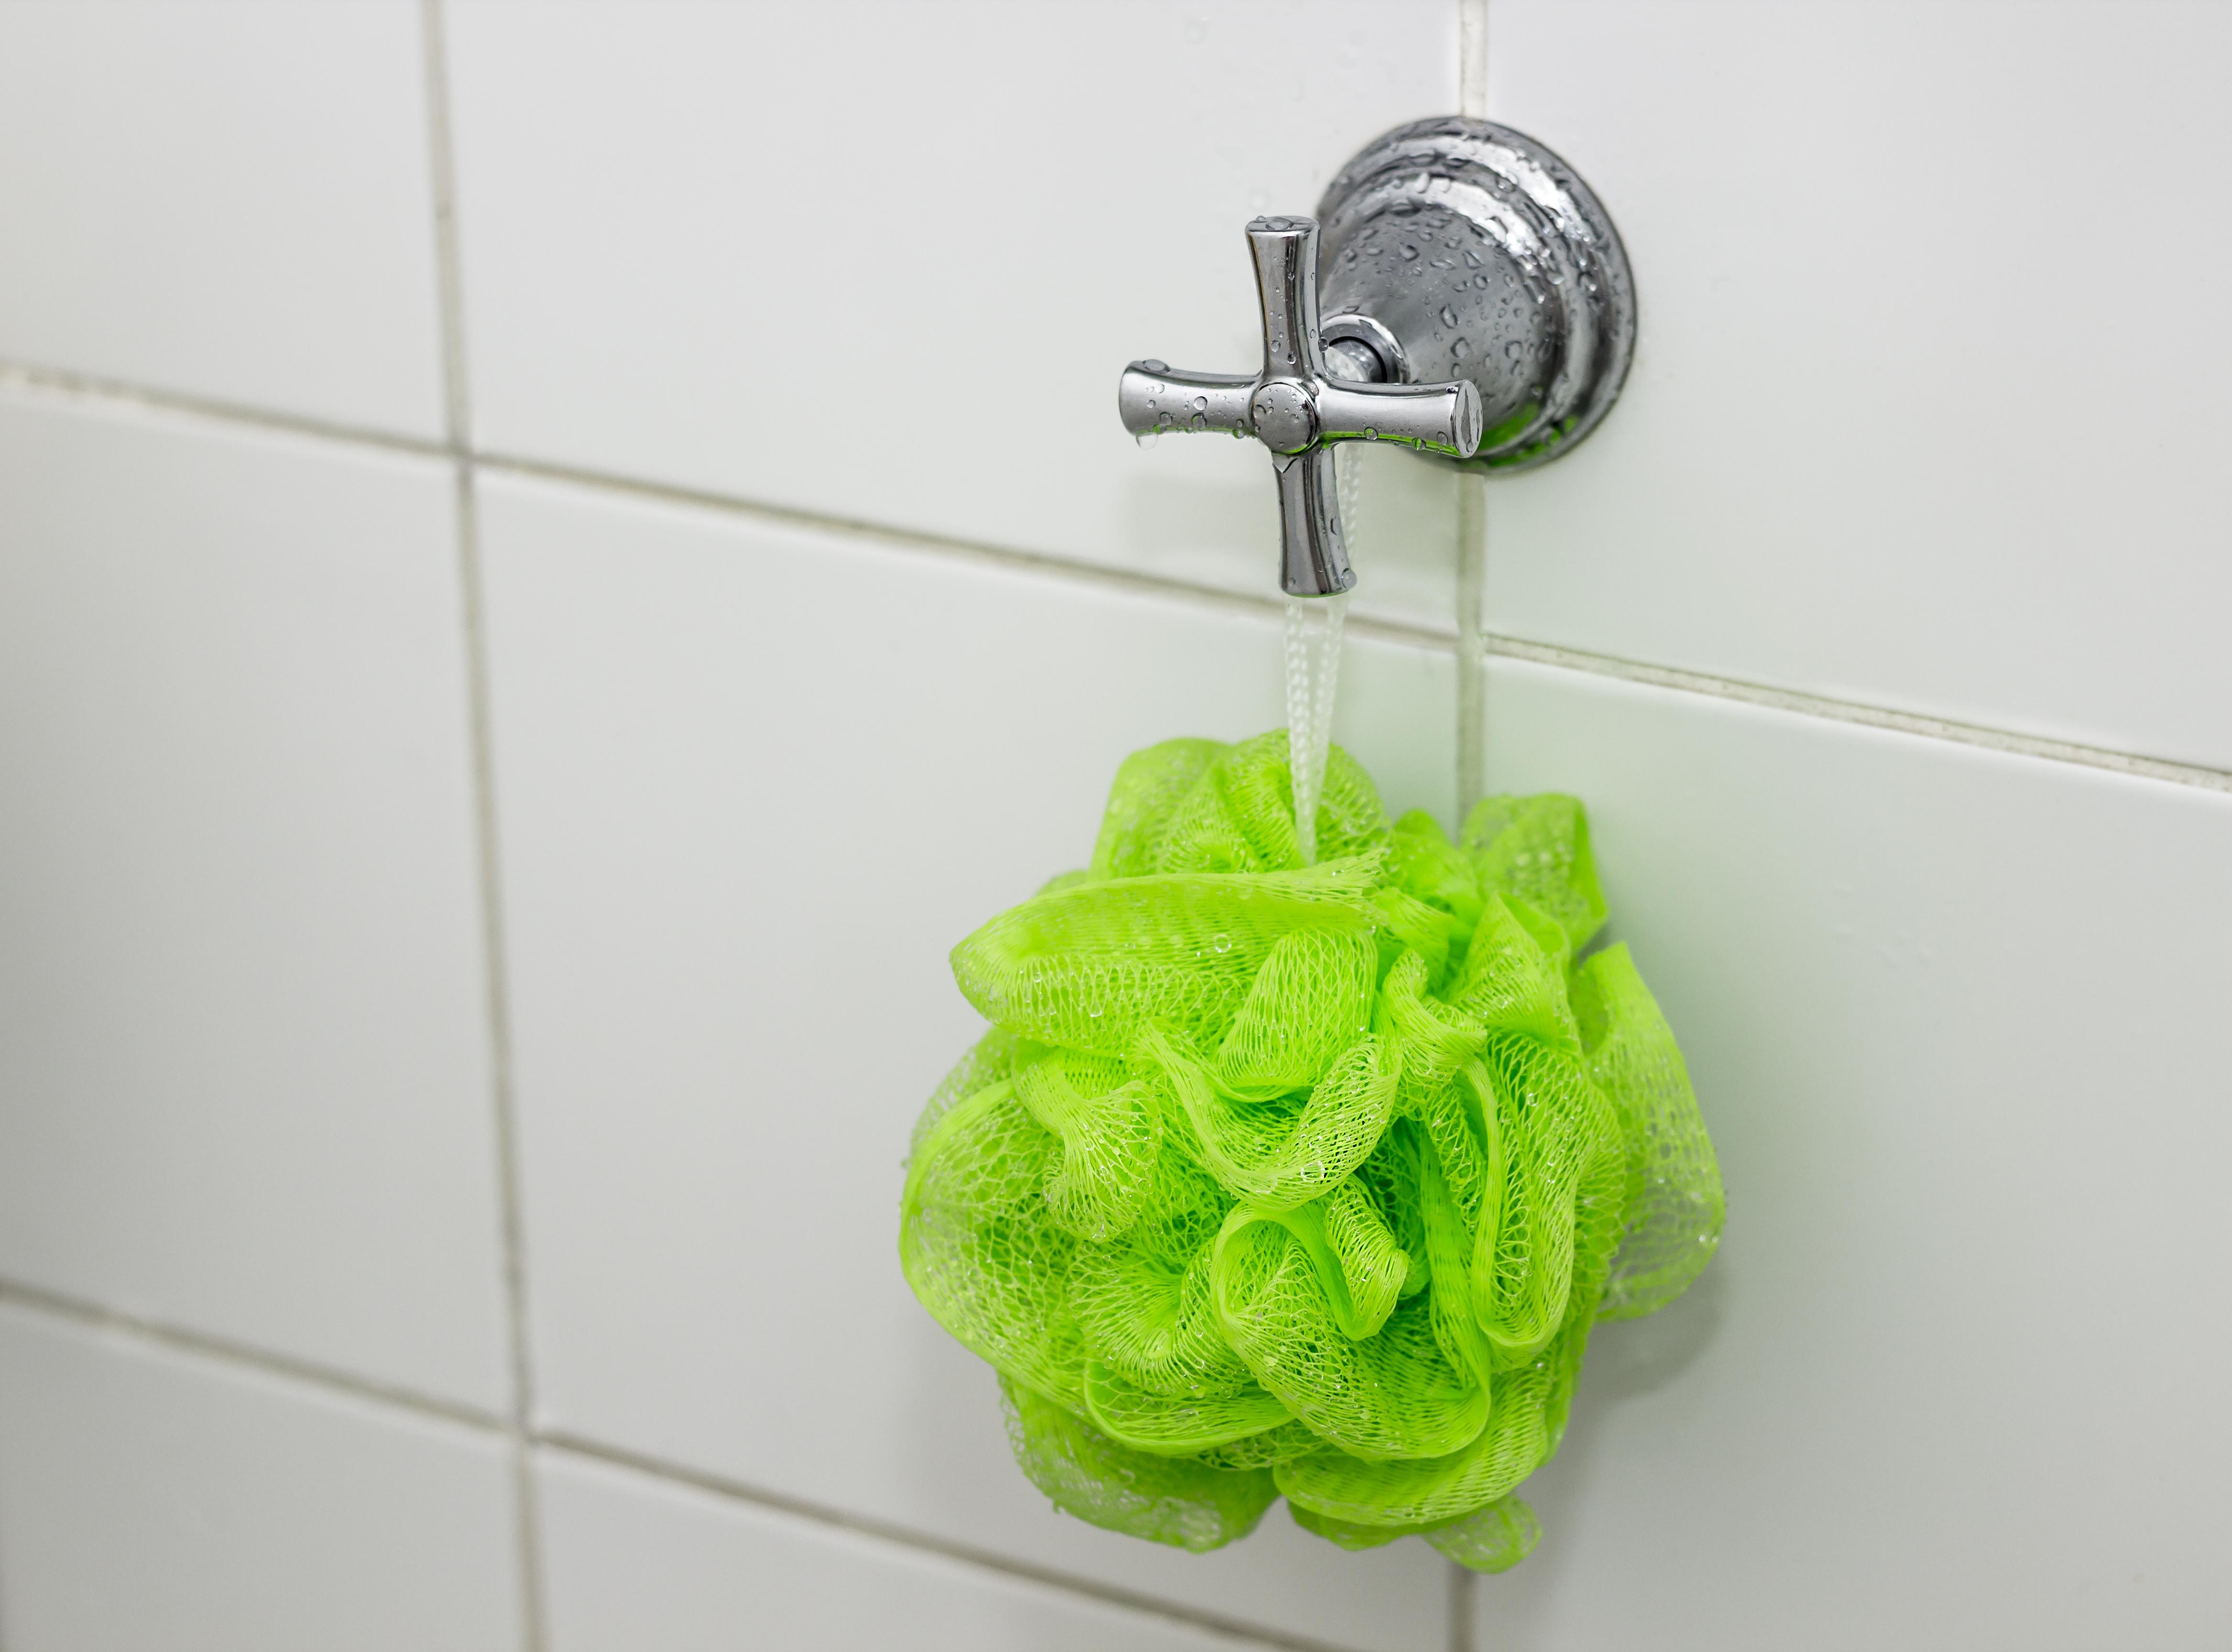 esponja banheiro registro